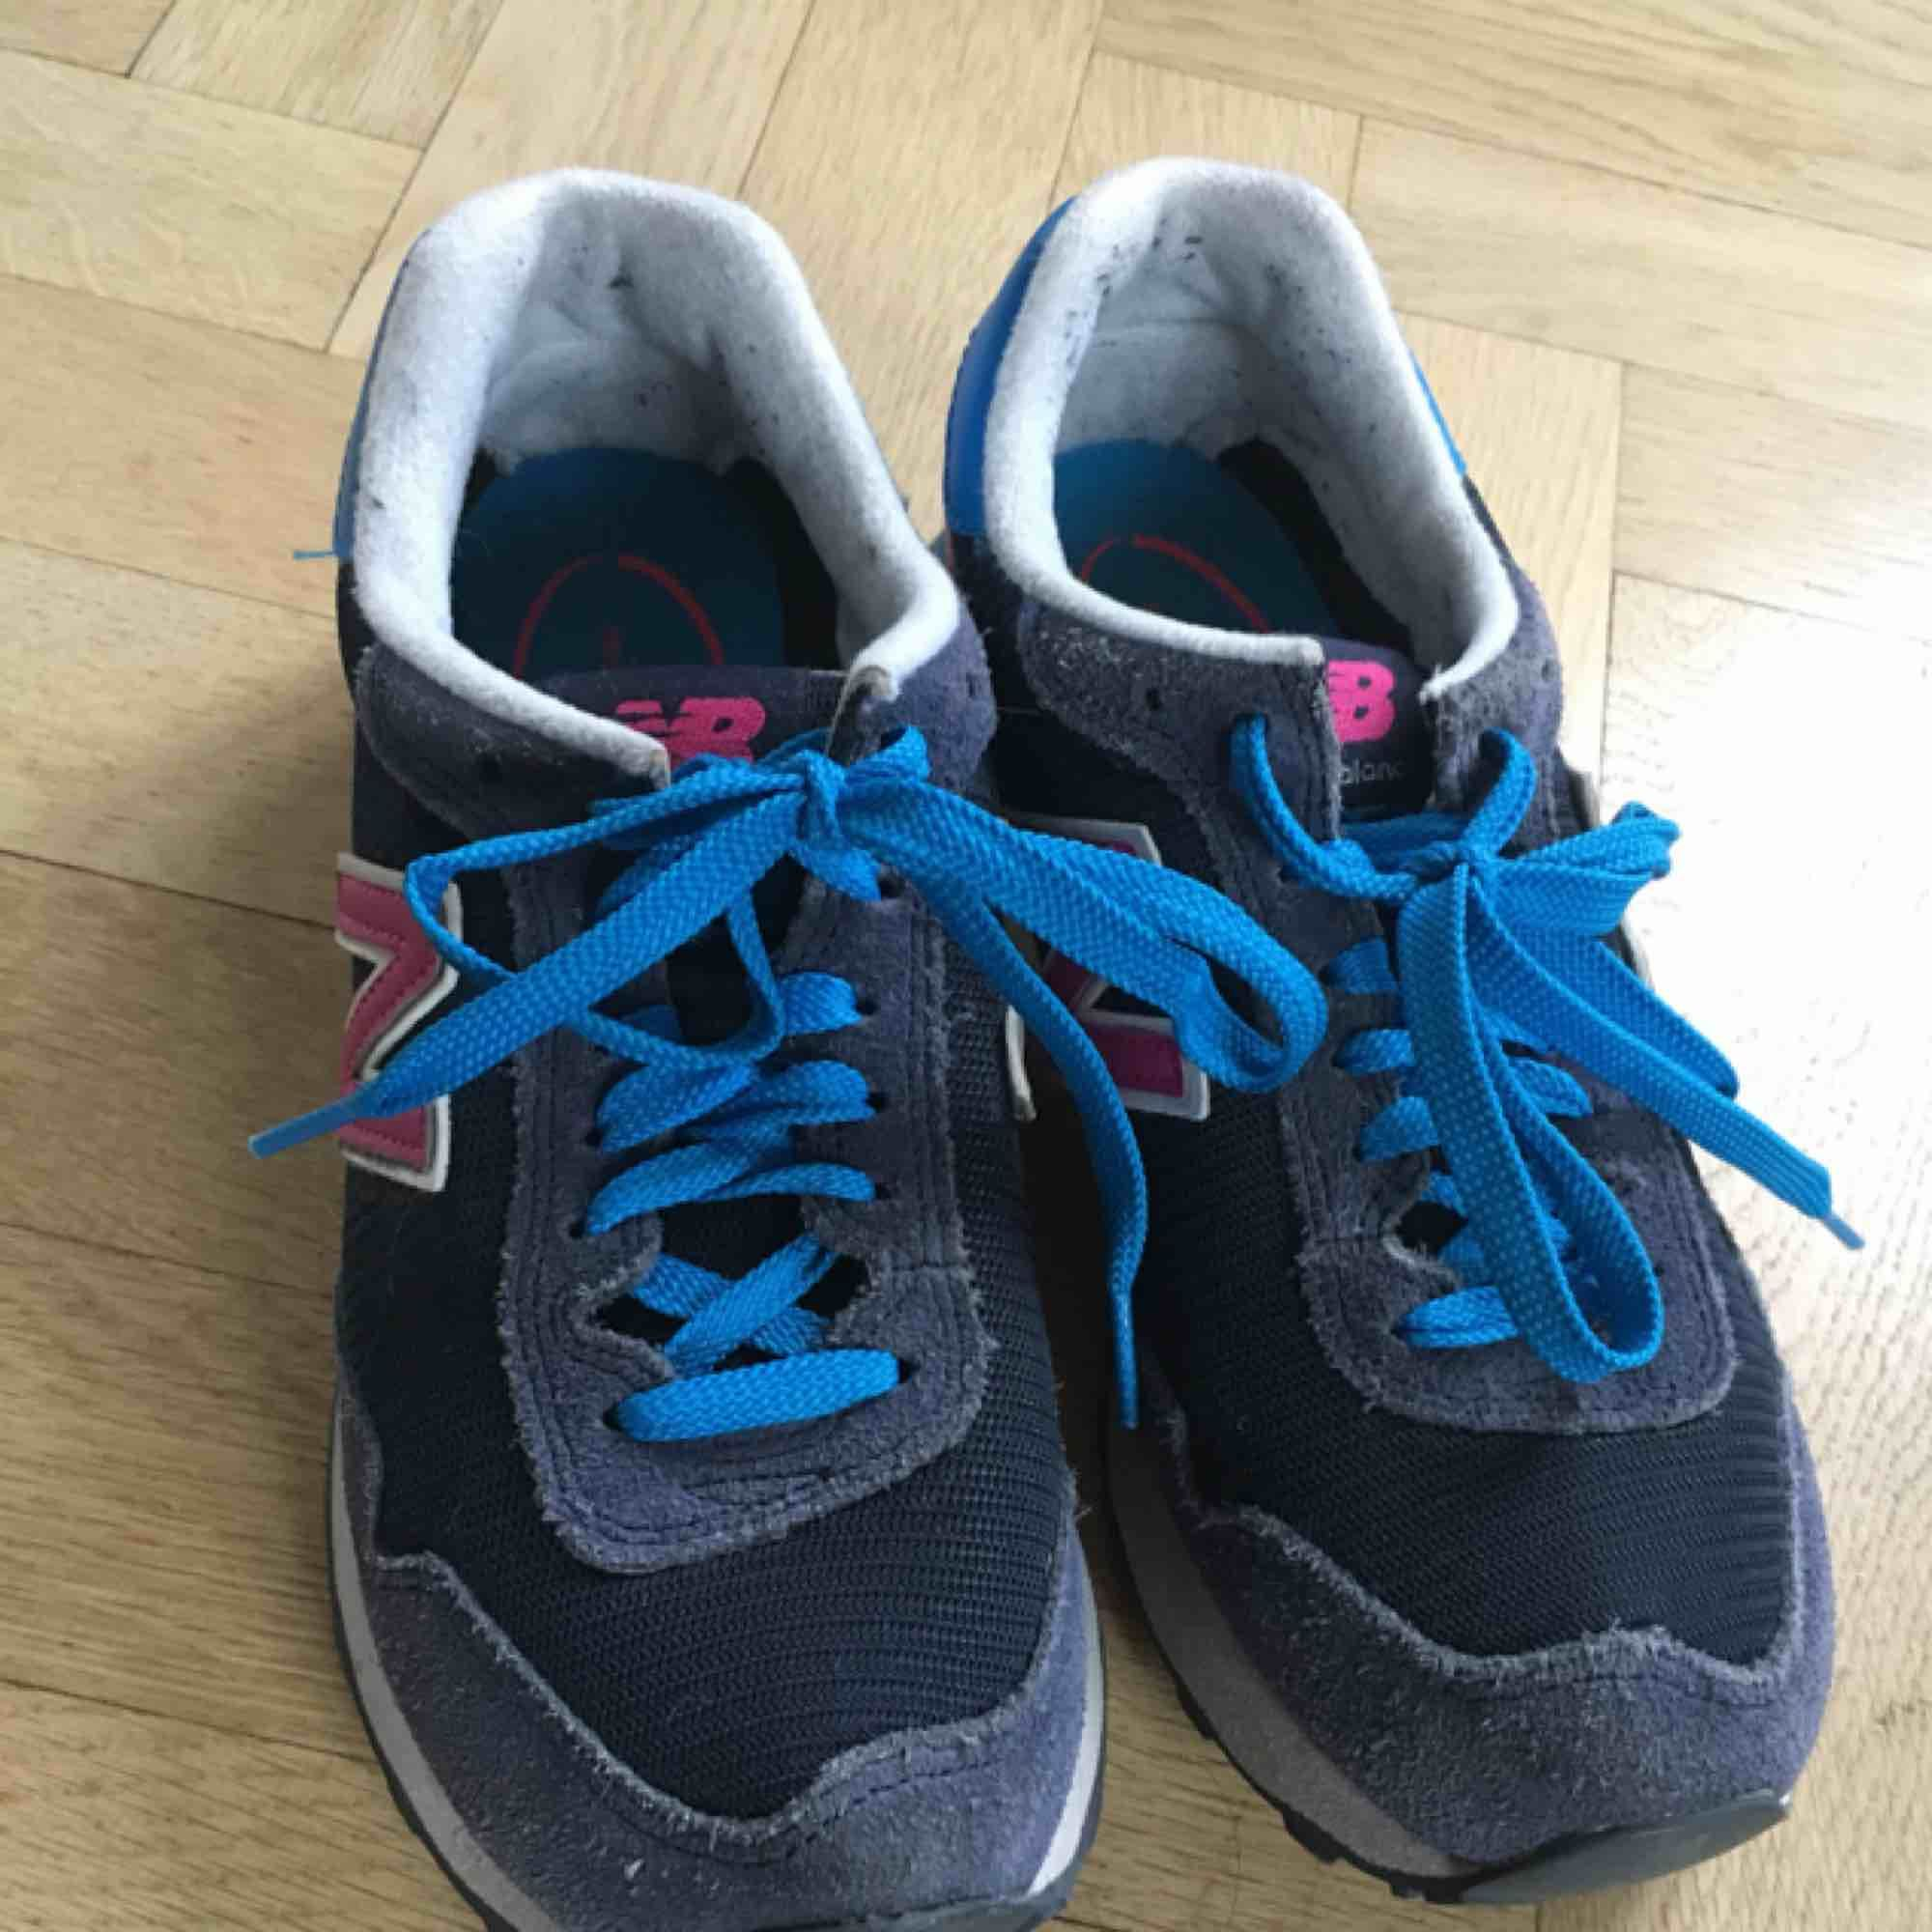 Snygga New Balance sneakers supersköna att traska runt i! . Skor.